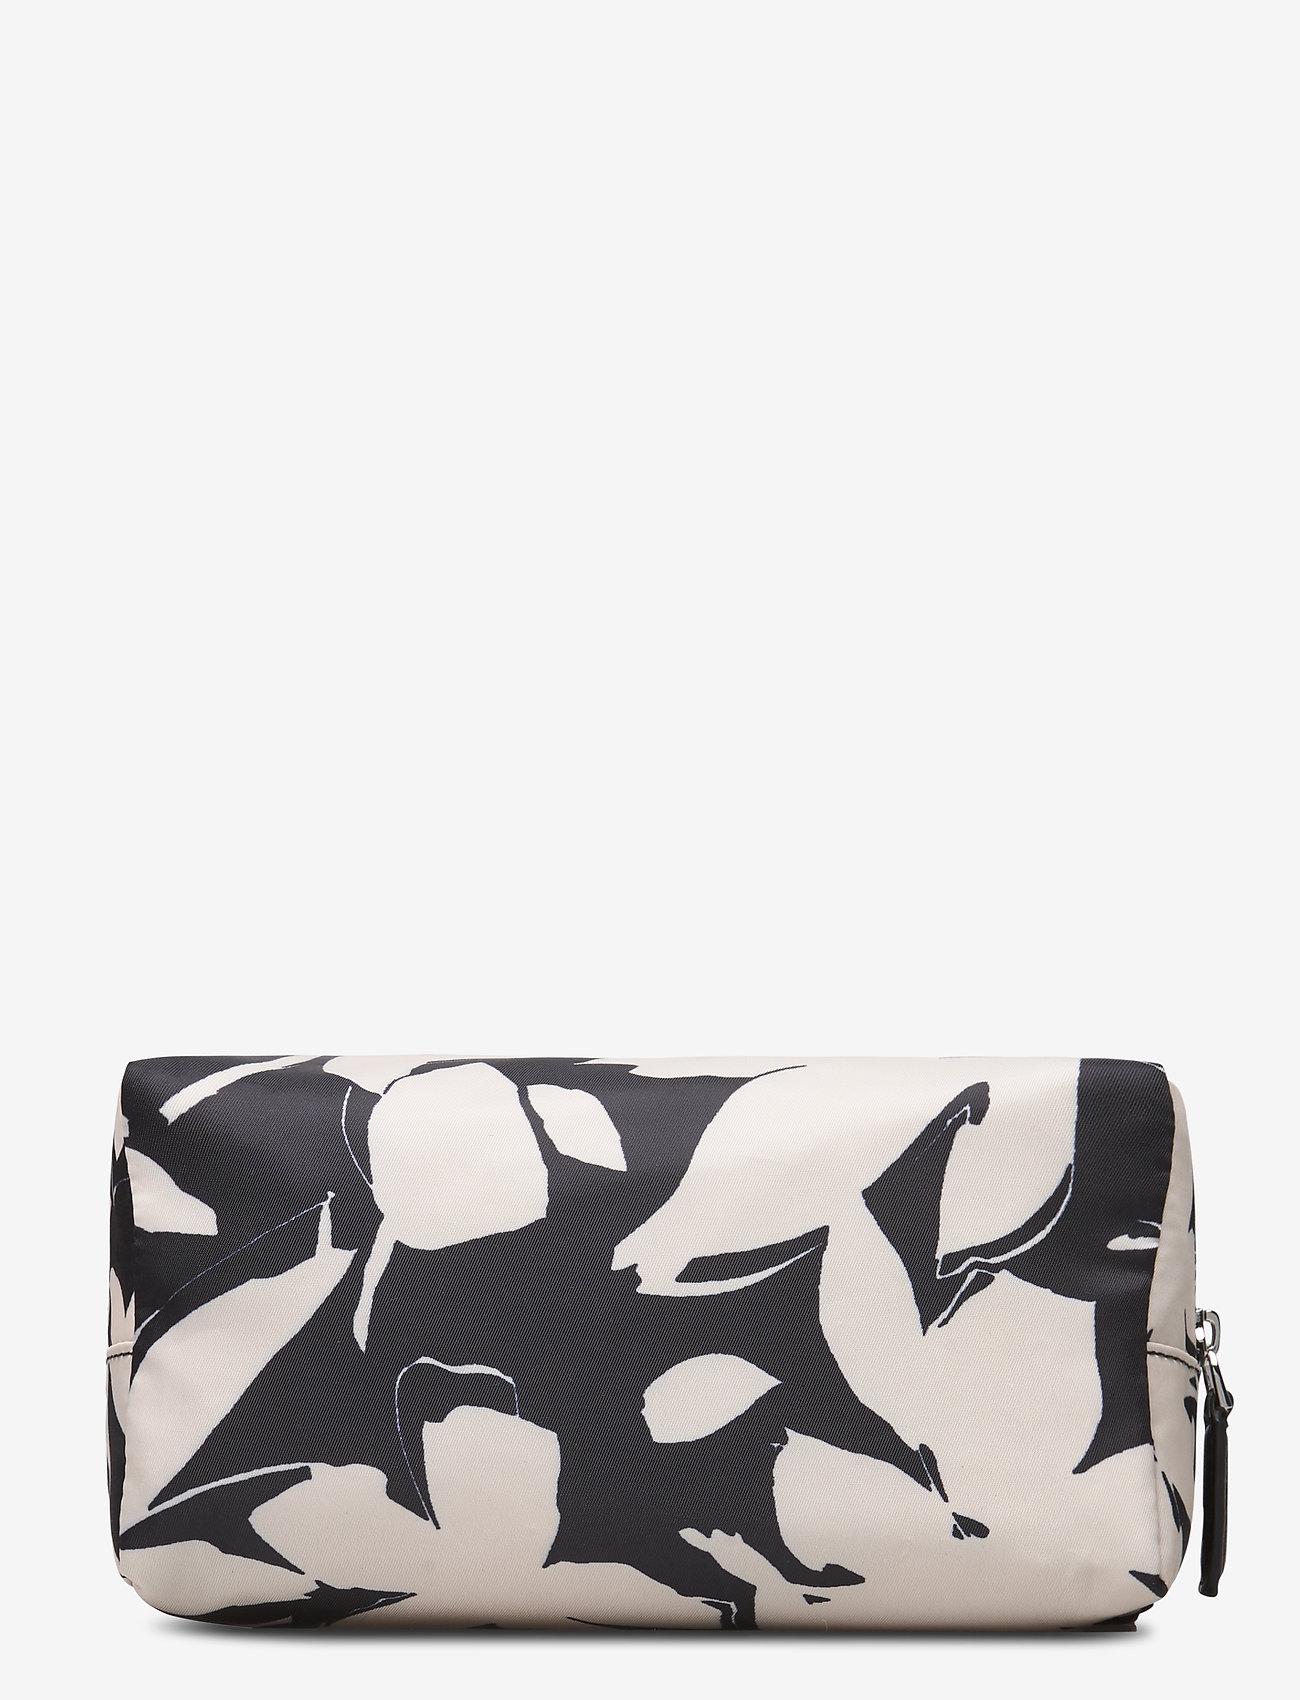 Calvin Klein - PRIMARY WASHBAG - torby kosmetyczne - black mix rtw - 1